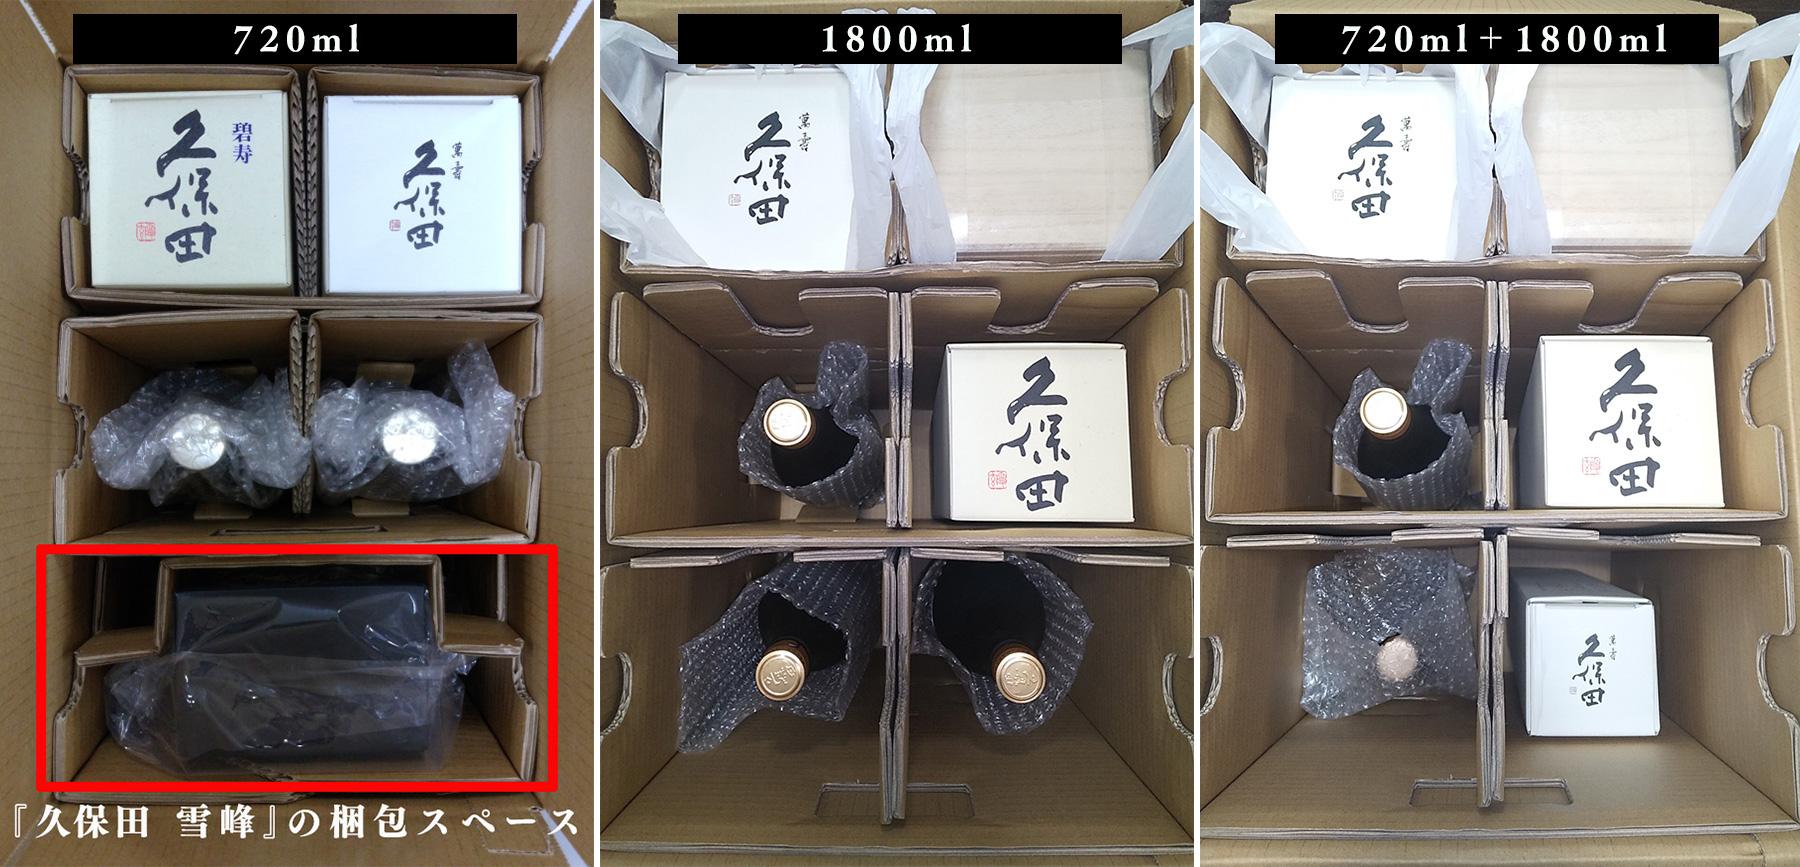 梱包イメージと特殊サイズ商品